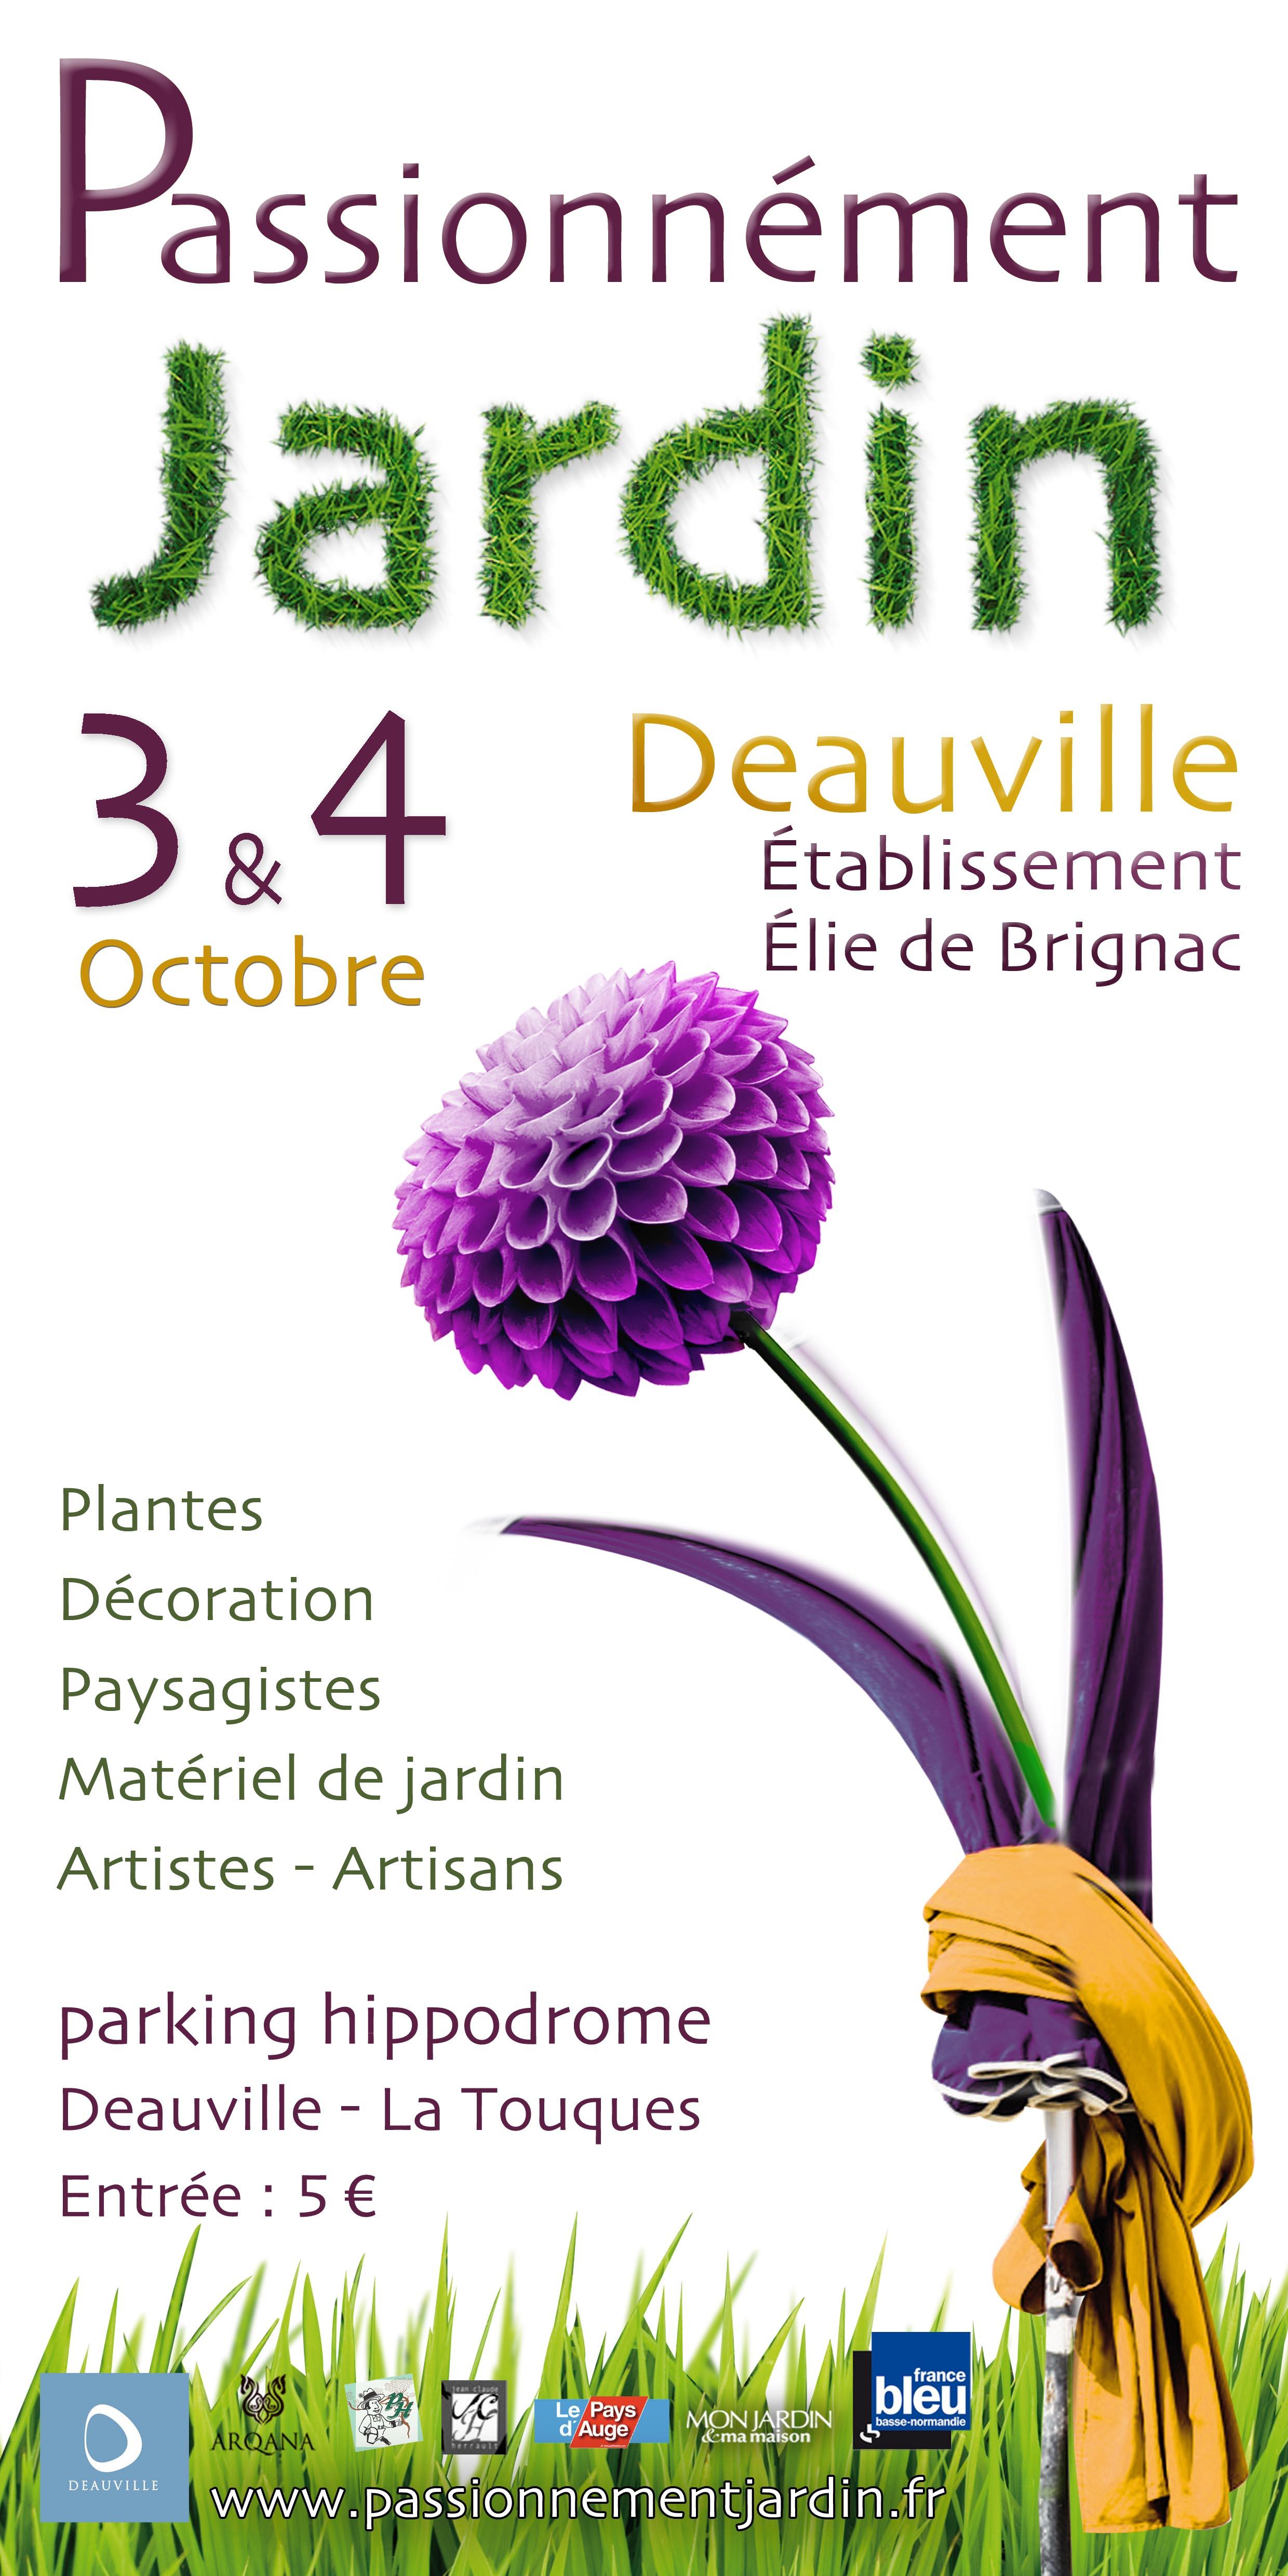 Deauville Passionnément Jardin